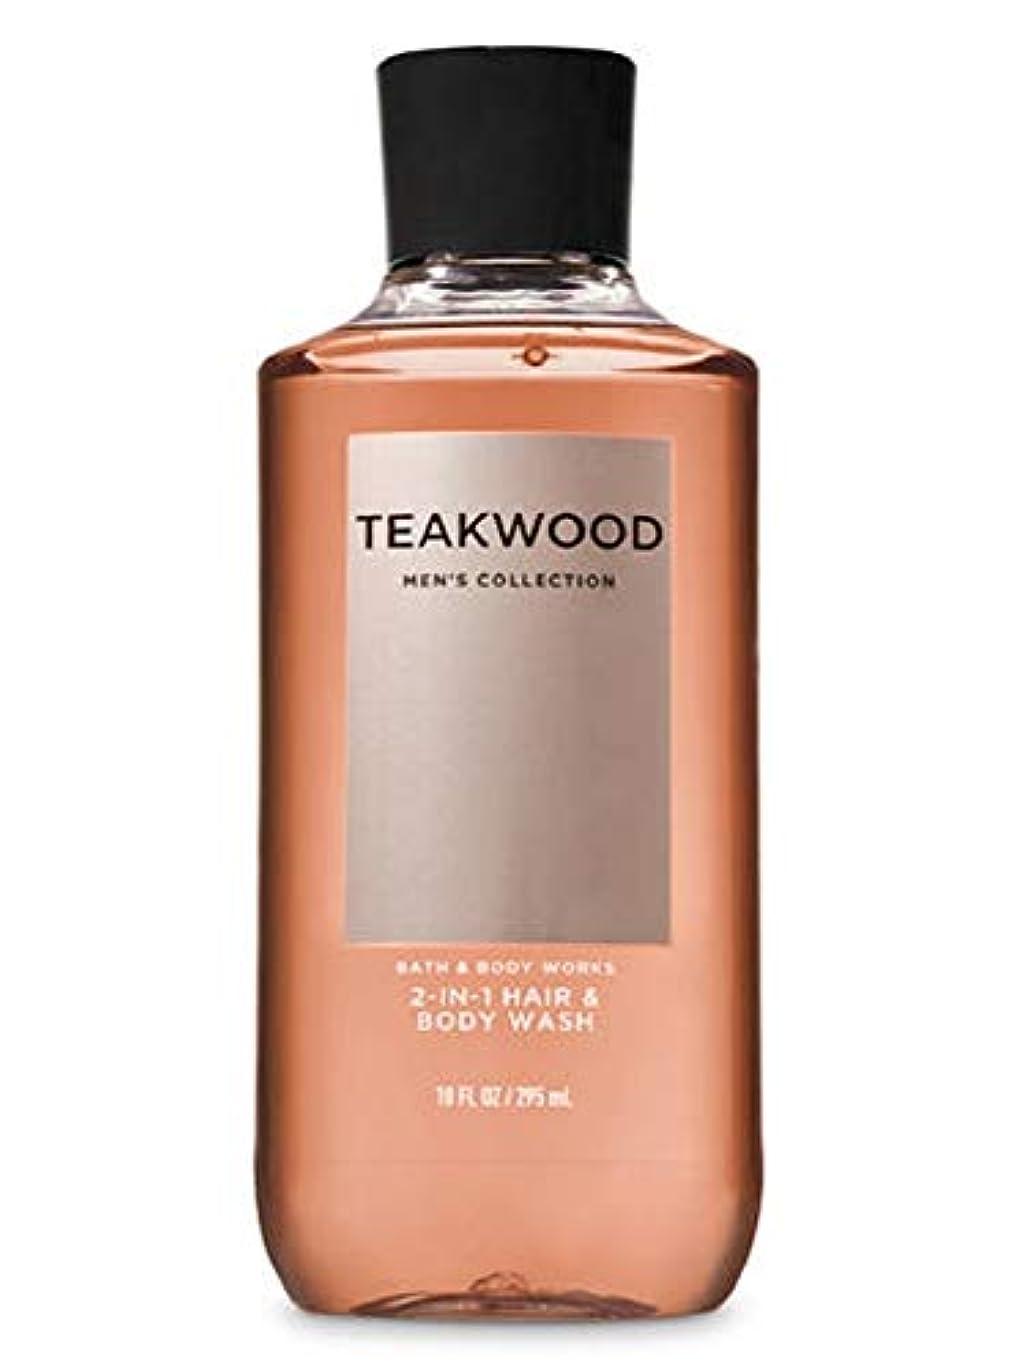 不規則性大腿量【並行輸入品】Bath & Body Works TEAKWOOD 2-in-1 Hair + Body Wash